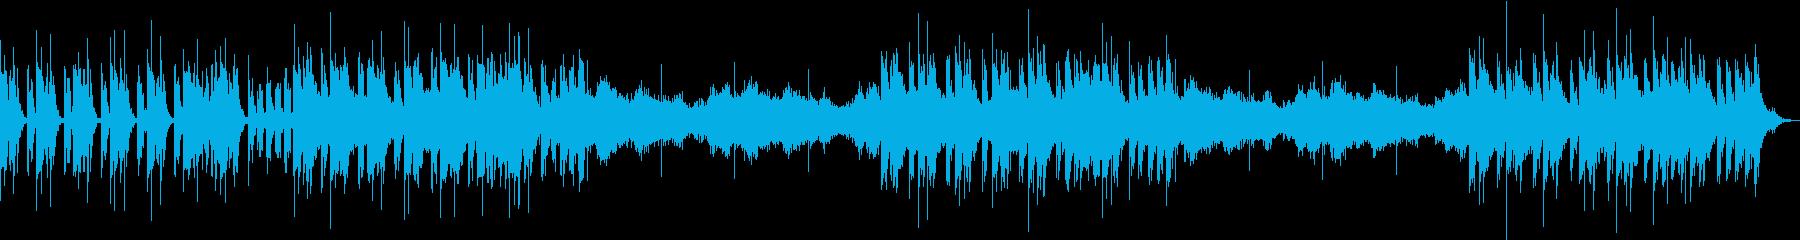 温かいサウンドが不安感や憂鬱な気分を解消の再生済みの波形